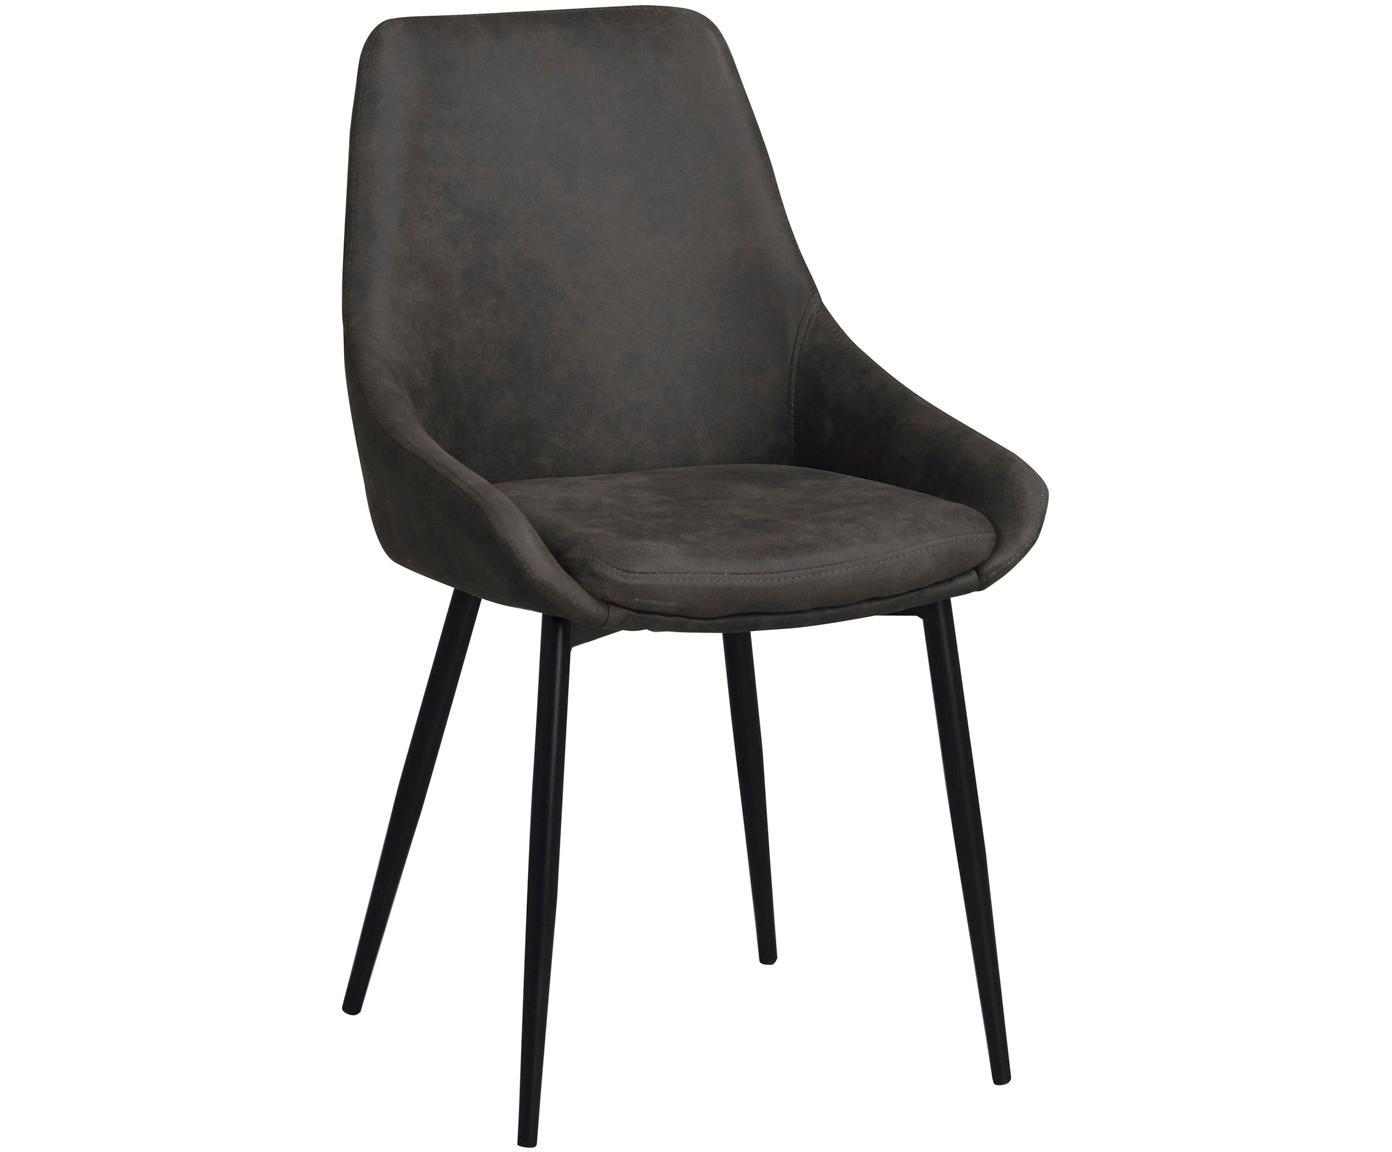 Krzesło tapicerowane Sierra, 2 szt., Tapicerka: poliester imitujący zamsz, Nogi: metal lakierowany, Ciemny szary, S 49 x G 55 cm